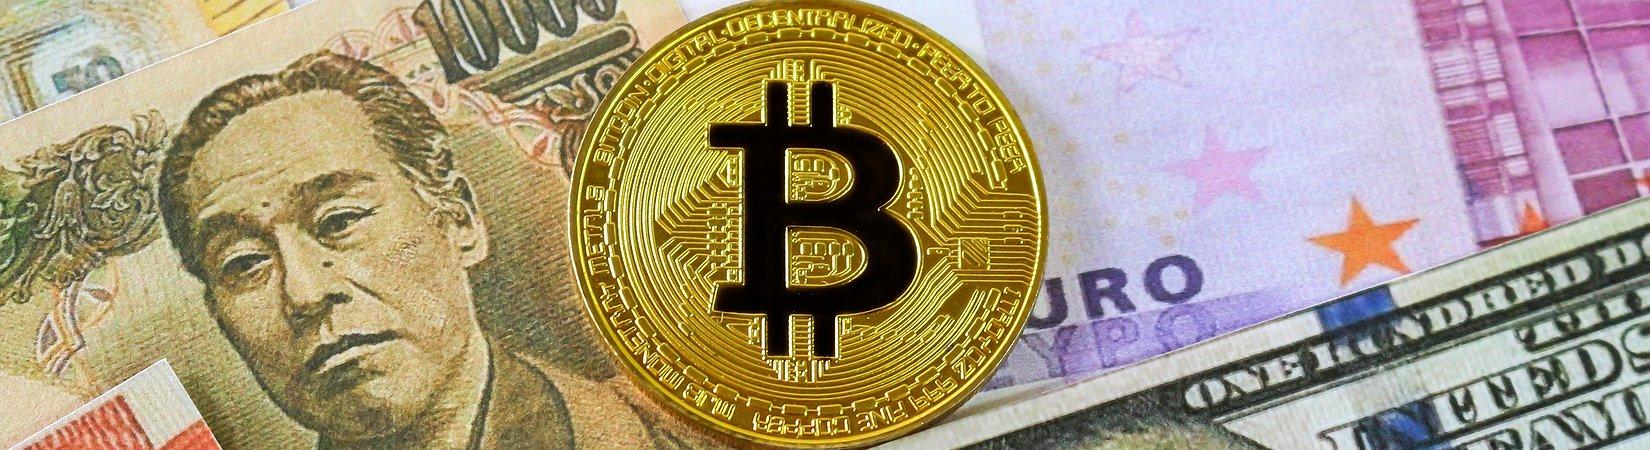 Миллион за BTC: Сколько стоит биткоин в иенах, рублях и других валютах